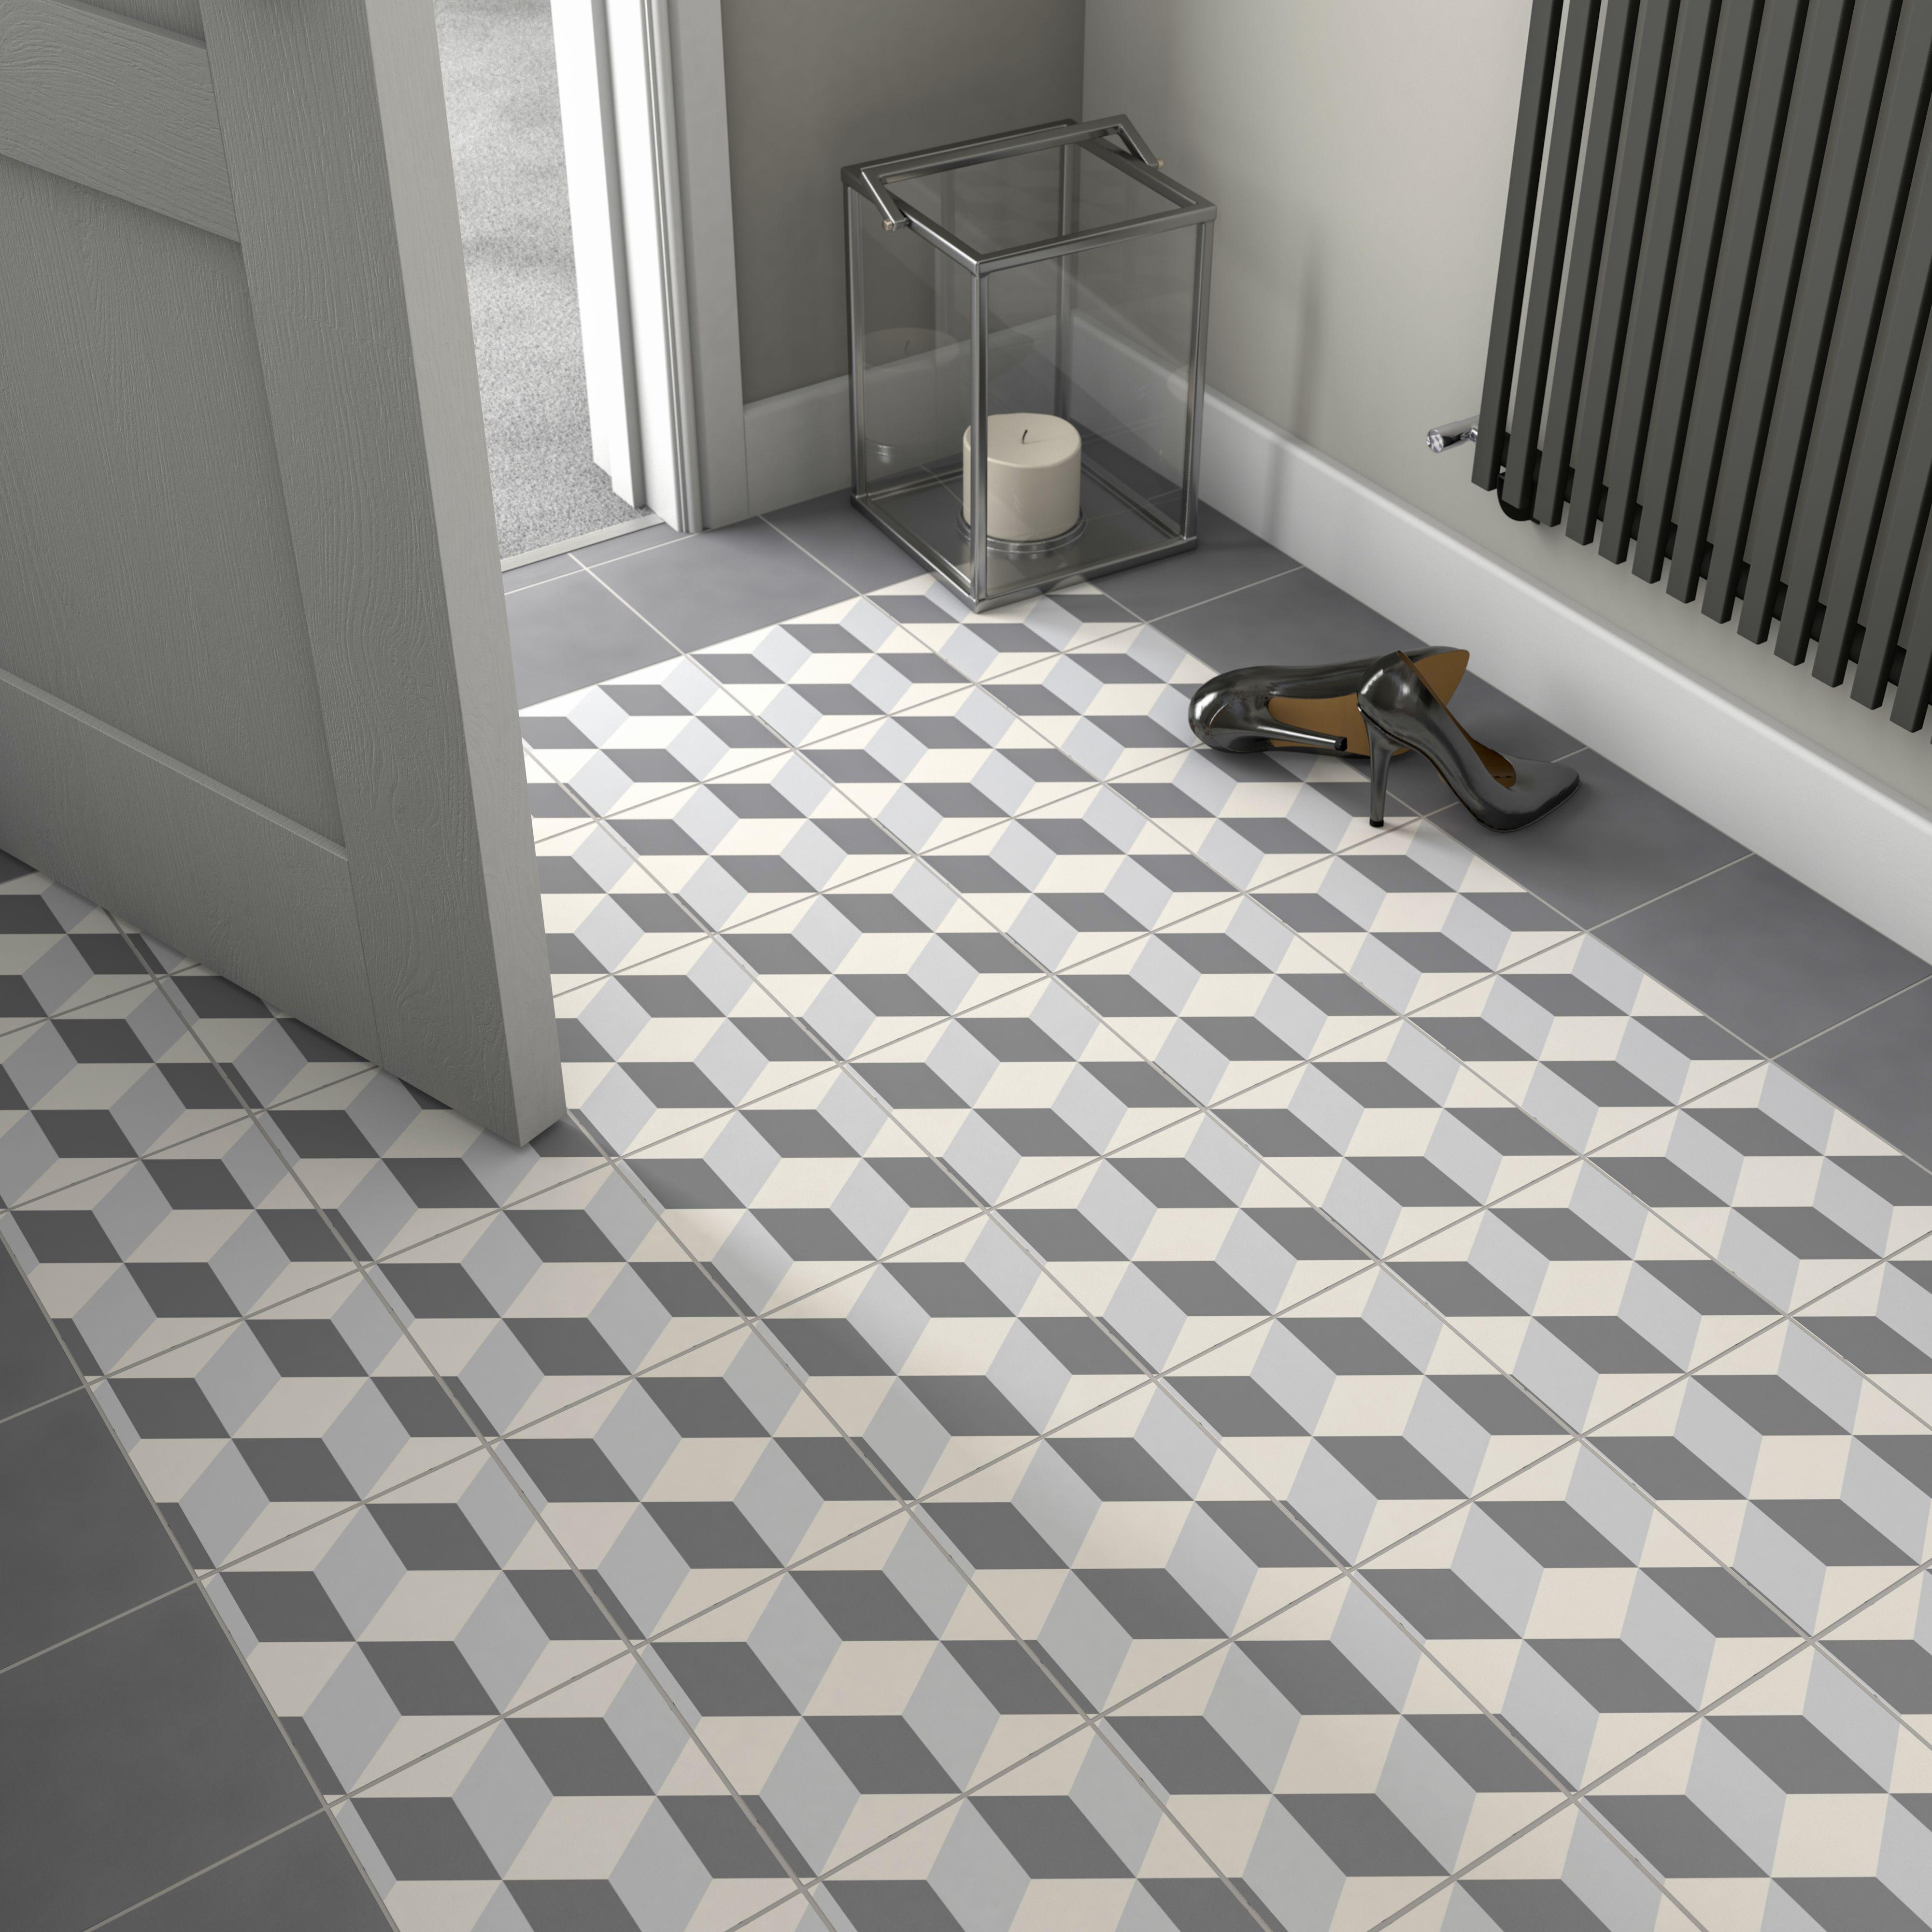 Hydrolic Black White Matt Concrete Porcelain Floor Tile Pack Of 25 L 200mm W 200mm In 2019 Tile Floor Tiles Flooring